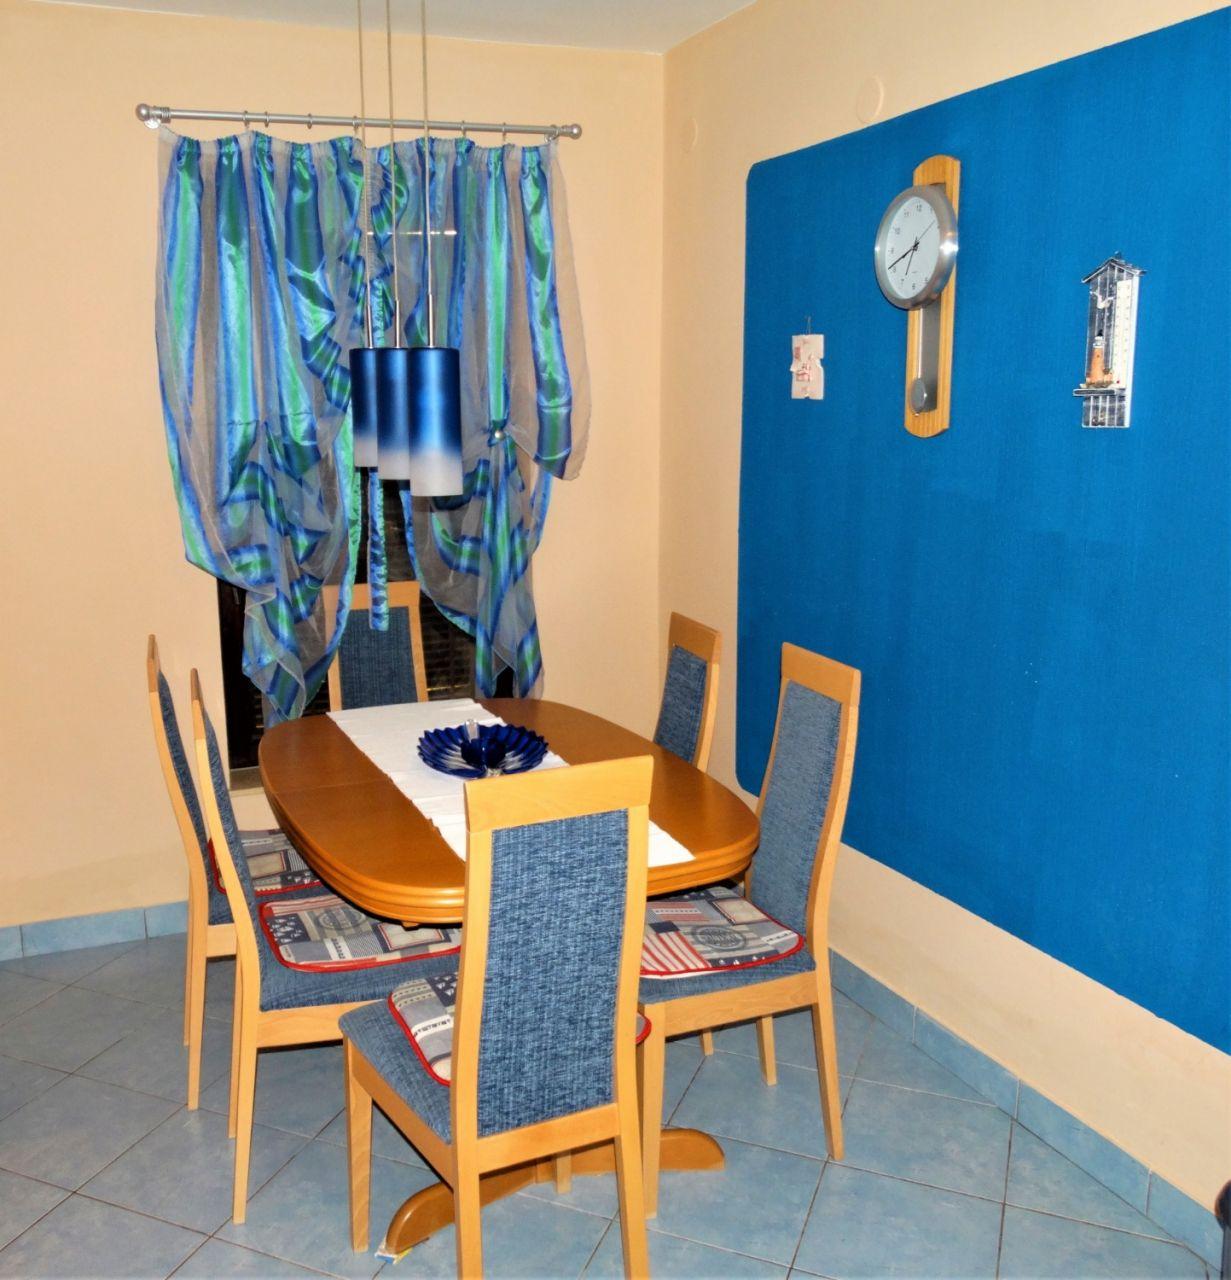 Apartamente Apartment Vlas A1 Crikvenica, Riviera Crikvenica 51285, Crikvenica, , Regiunea Primorje-Gorski Kotar